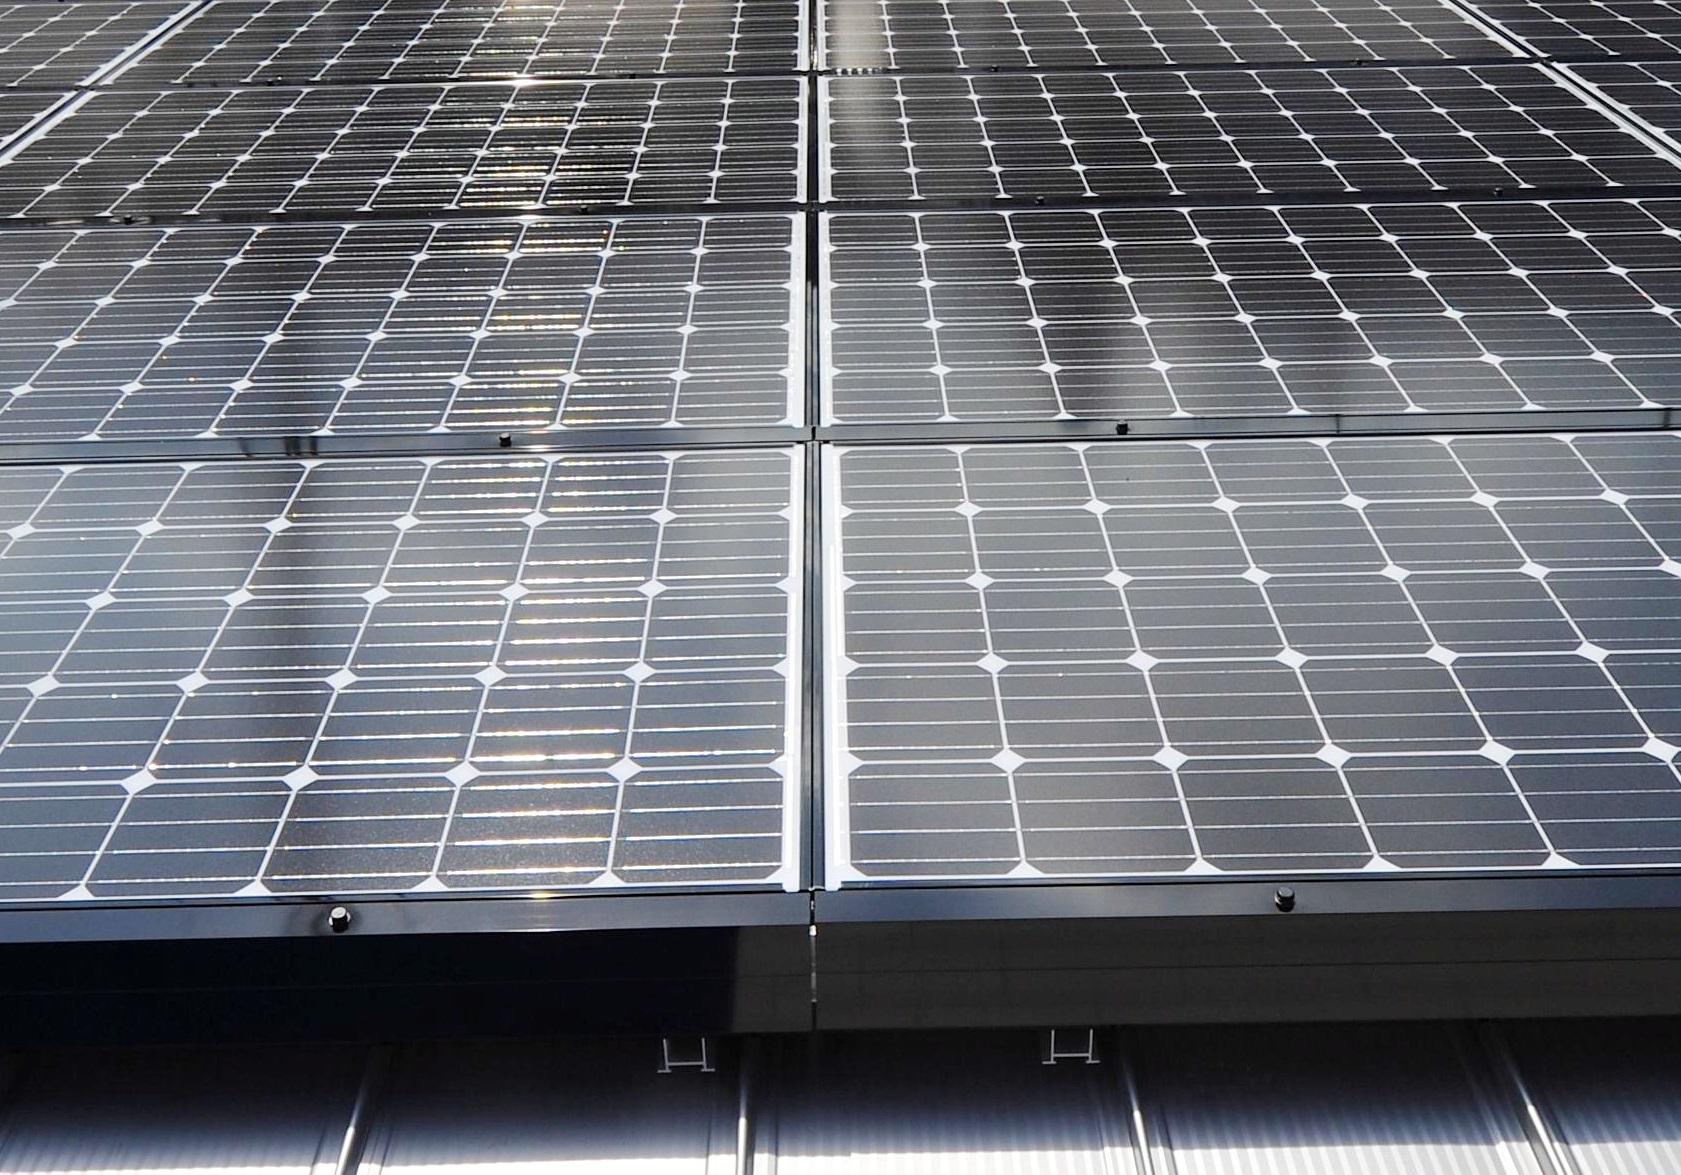 お得情報!新築住宅をお考えの方に 創宅なら太陽光発電設置が完全無料。